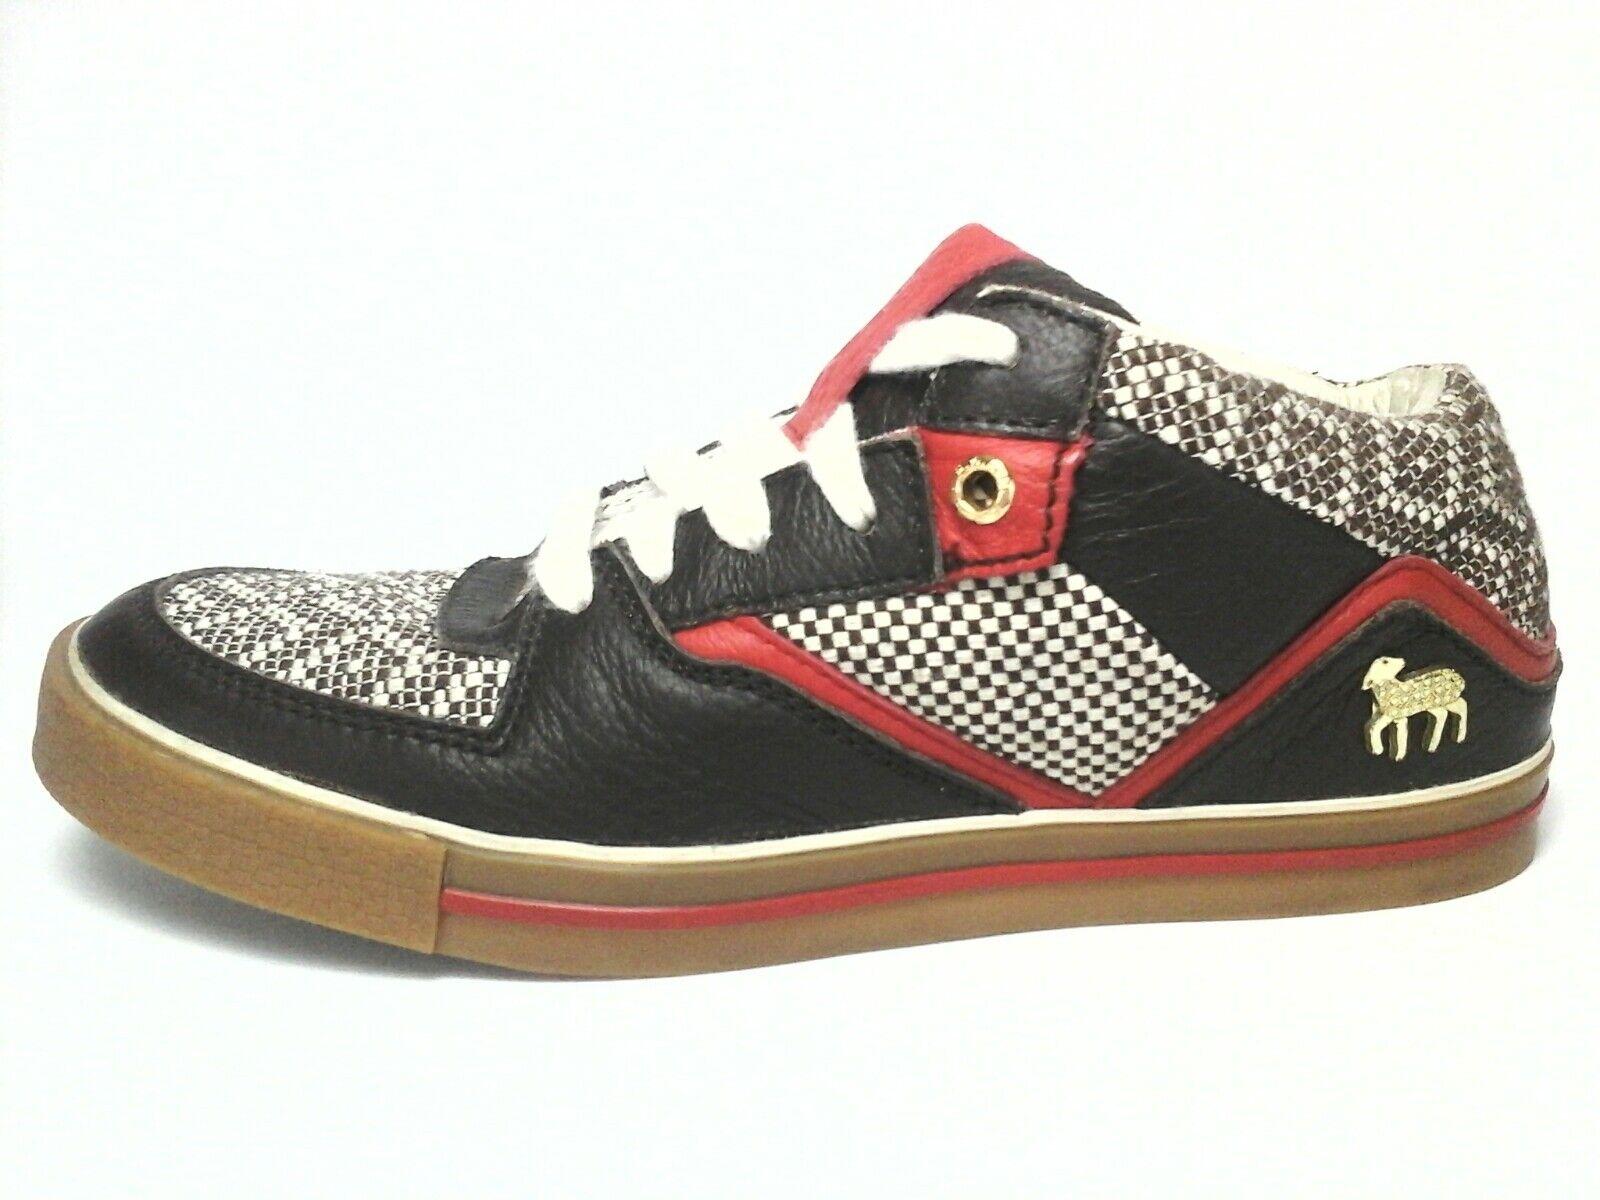 L.A.M.B. Zapatos Zapatillas Oxfords marrón rojo Cordero Caza, Suela de goma EE. UU. 8 Reino Unido 6